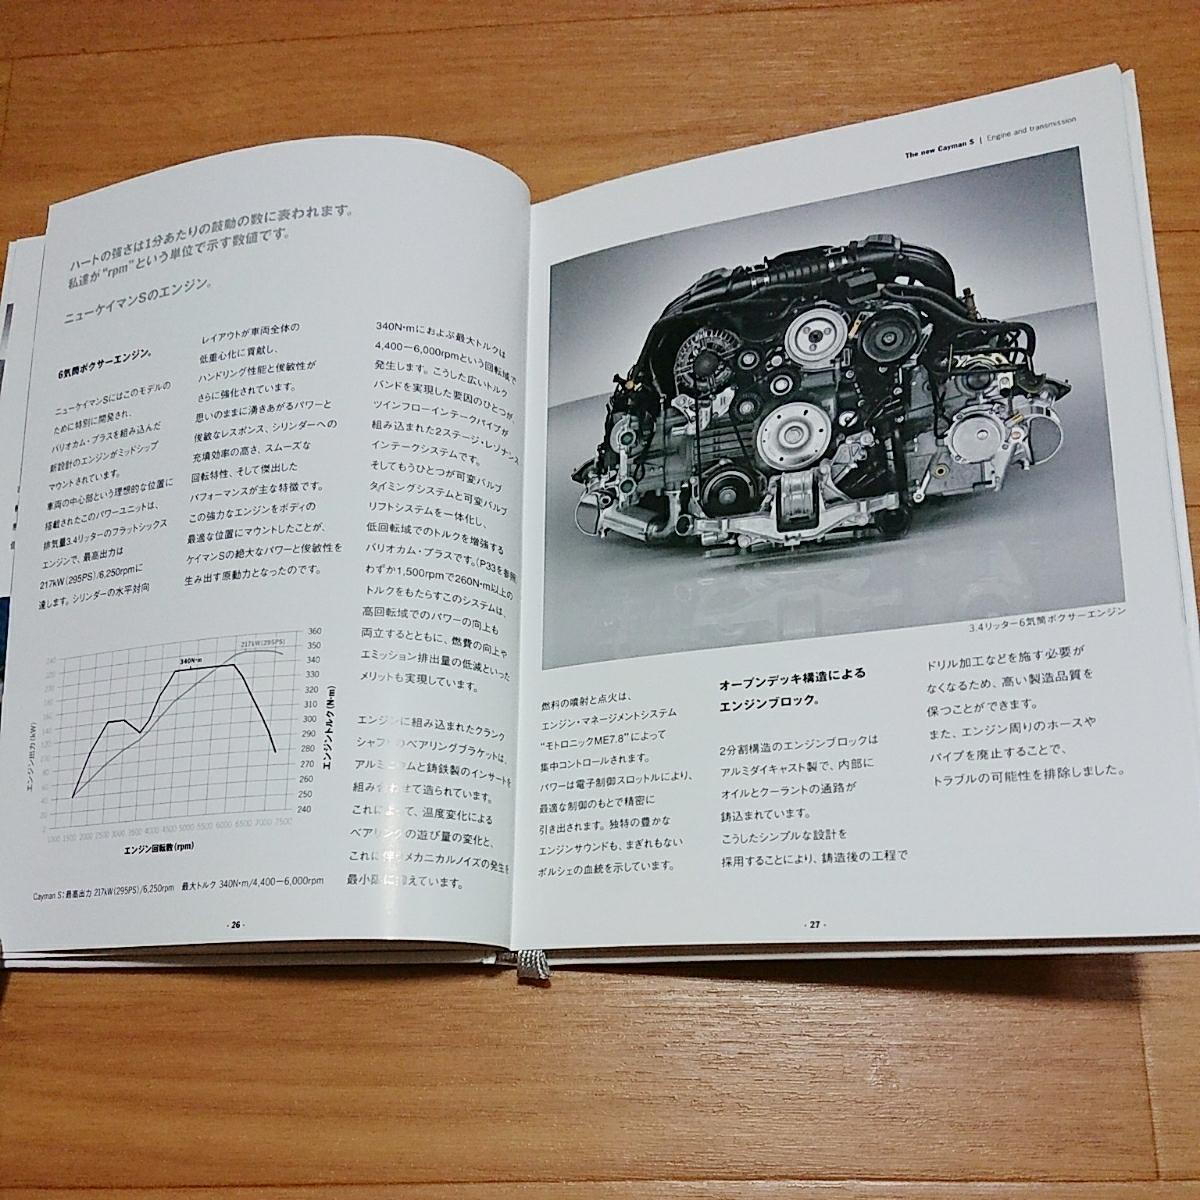 ポルシェケイマンS カタログ2冊セット 2005年 日本語版_画像4